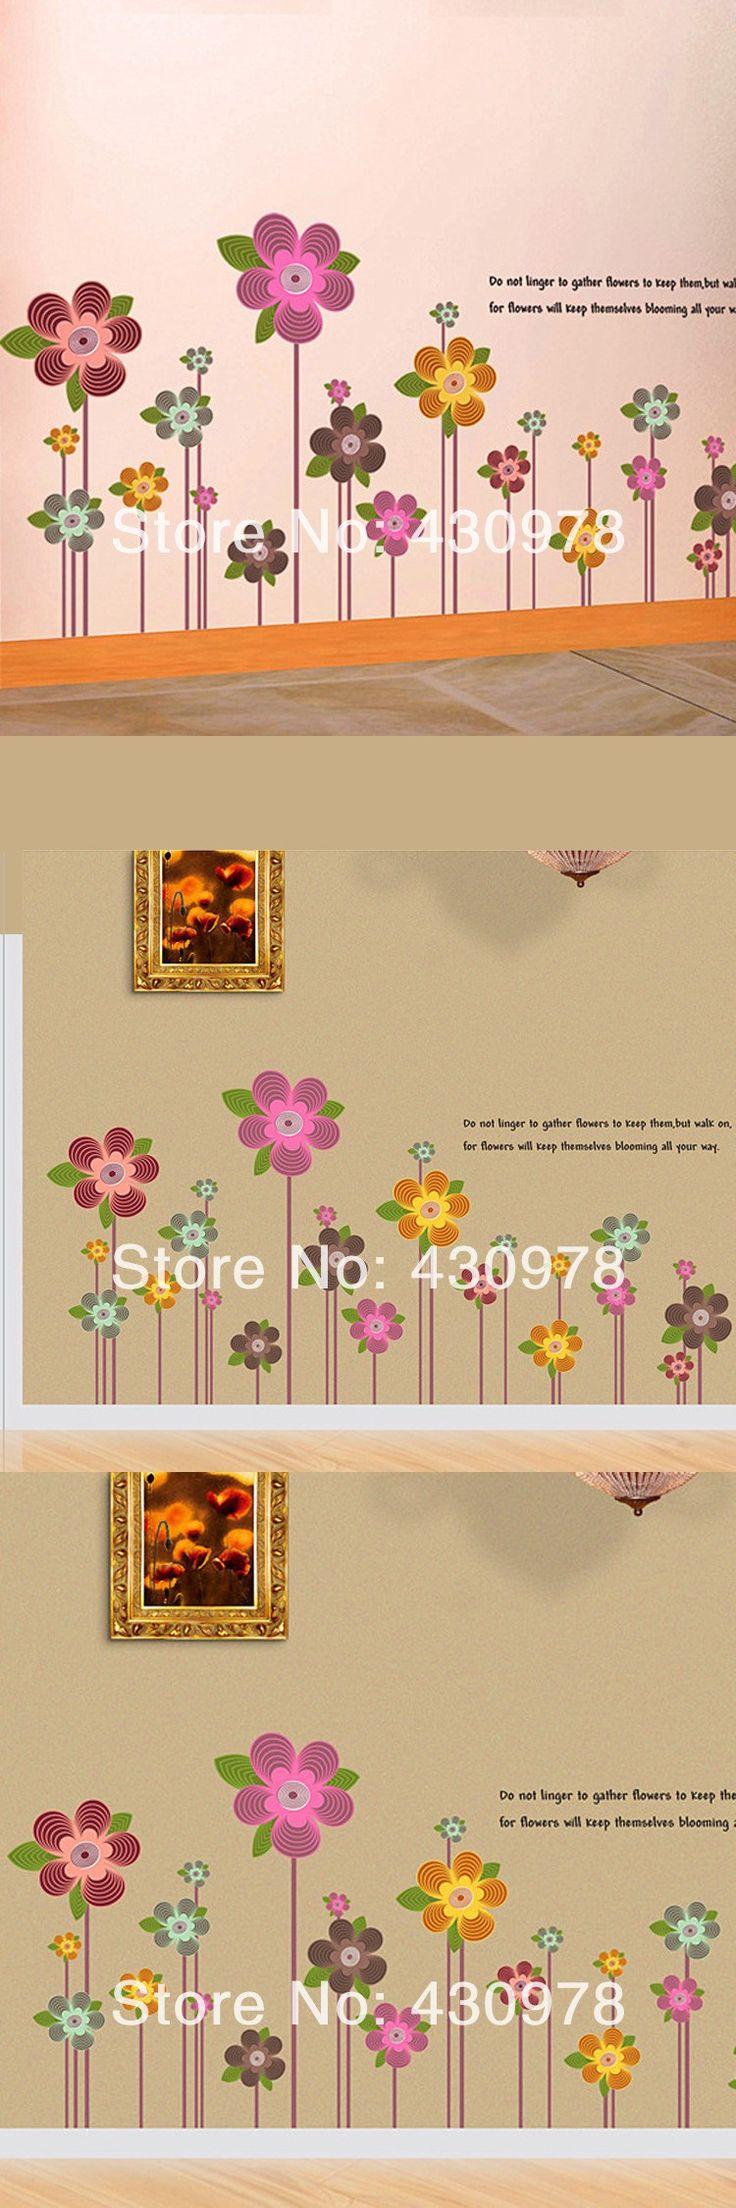 28 best Classroom Decor images on Pinterest | Murals, Classroom ...